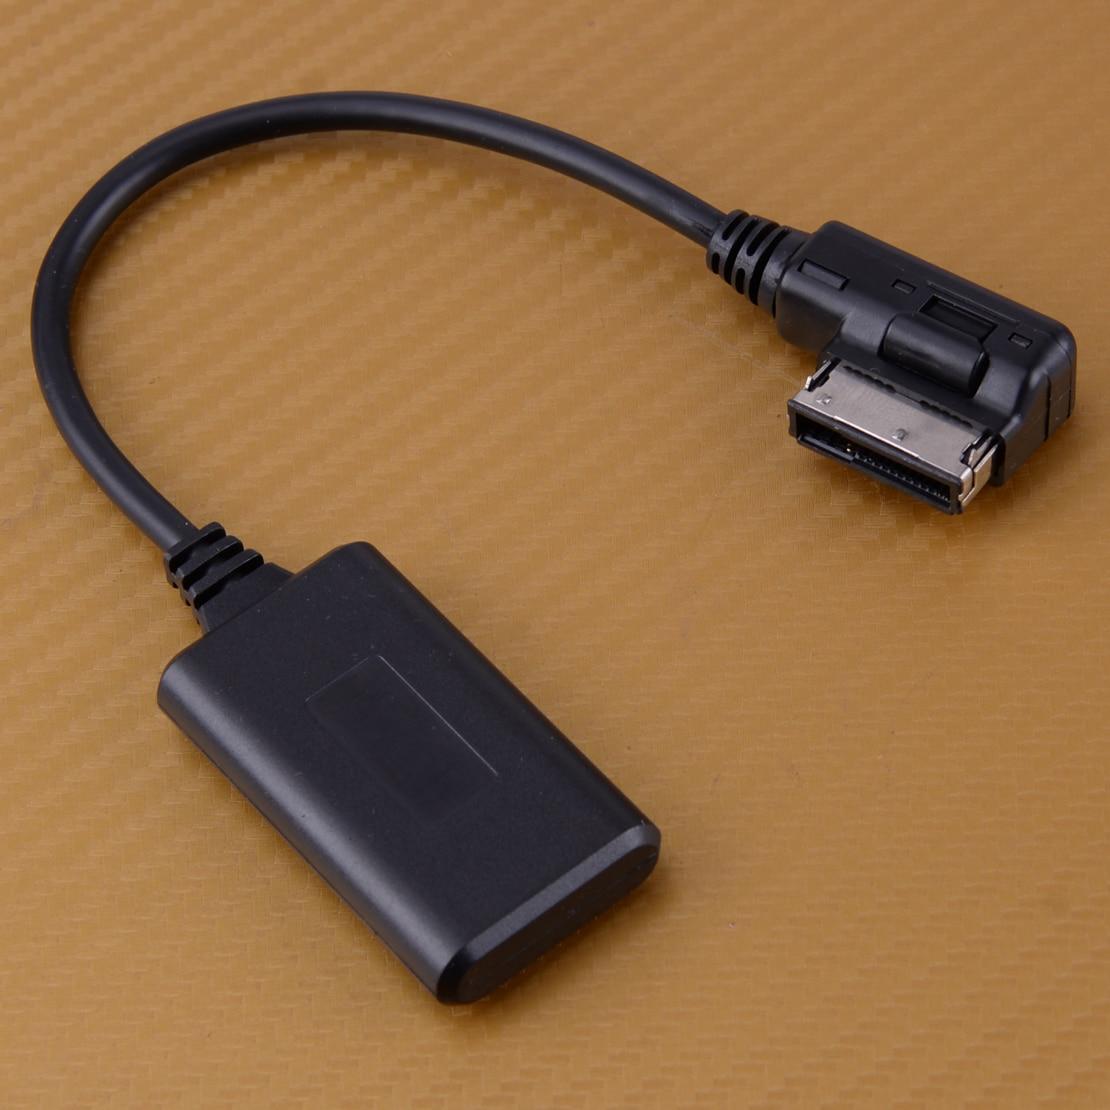 Rübig klappsplinte 7,5-15,5mm galvanizado klappsplint plegable conector copia de seguridad pernos